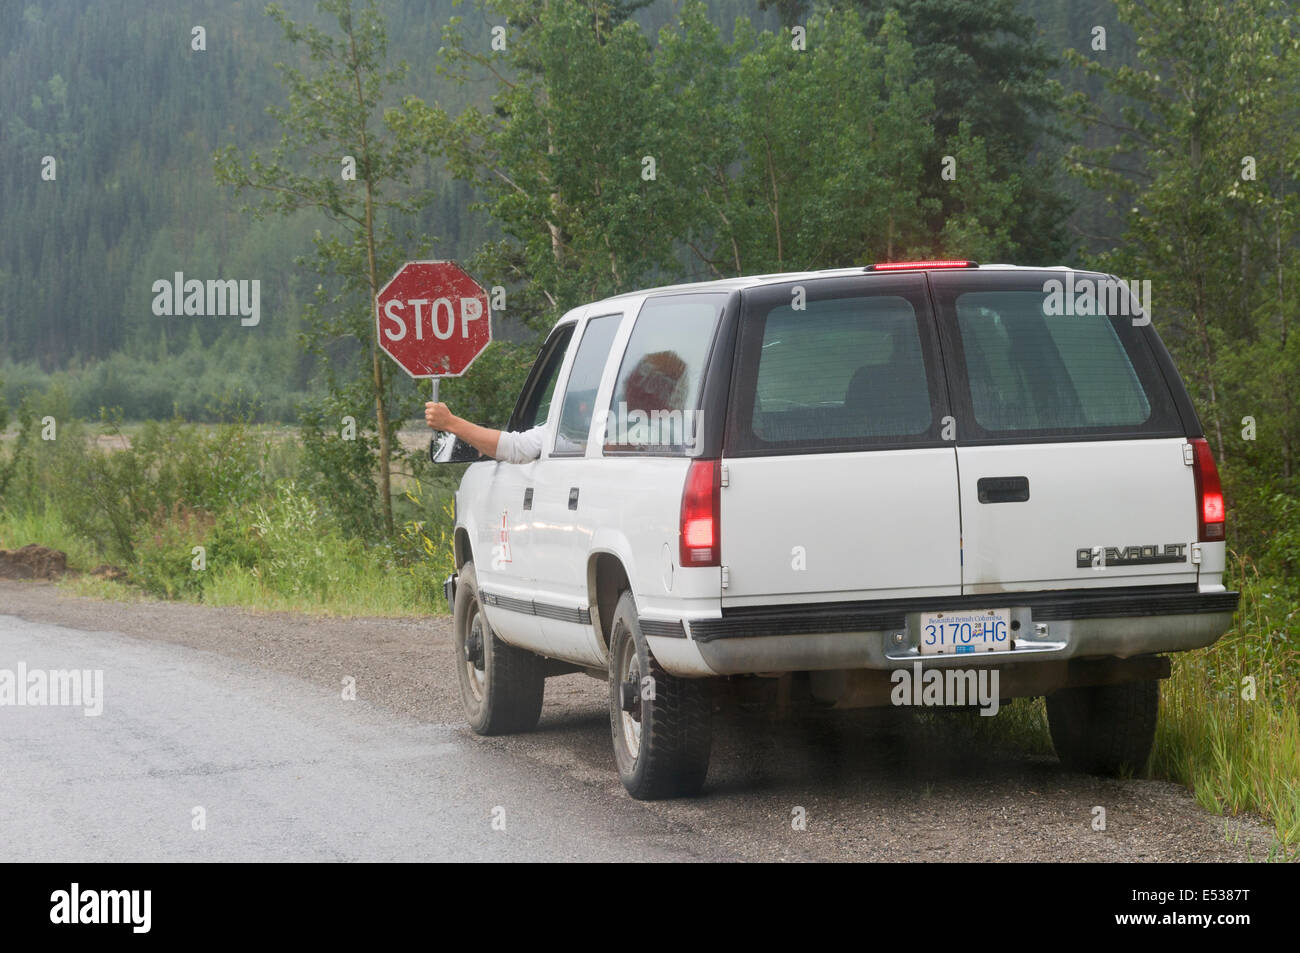 Elk203-3354 Canada, British Columbia, Alaska Highway, road repair stop sign - Stock Image